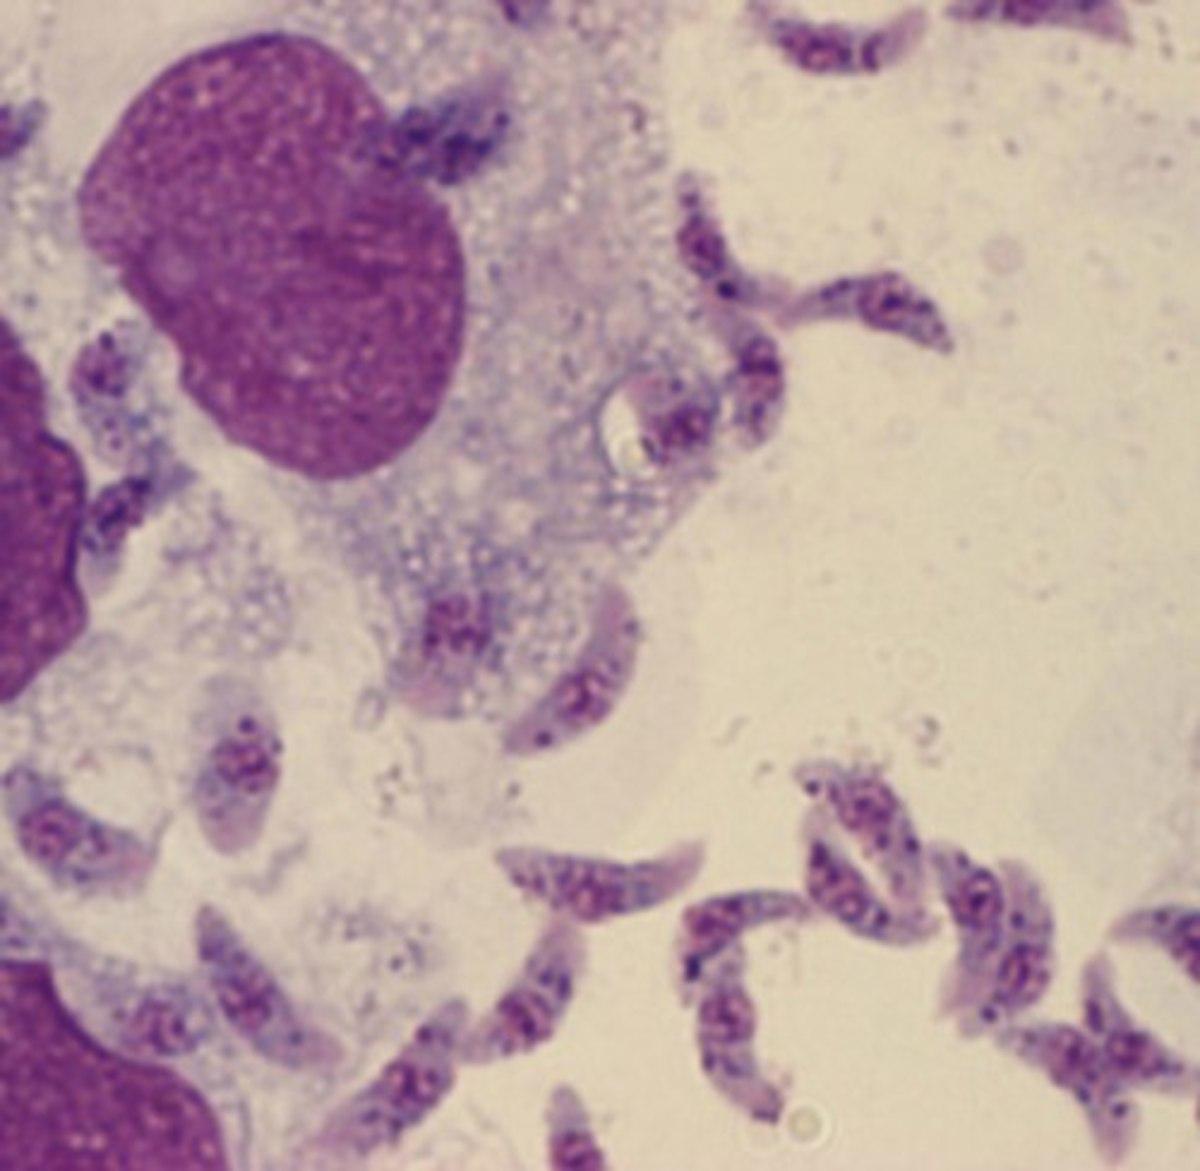 Mmm-mmm, toxoplasma!